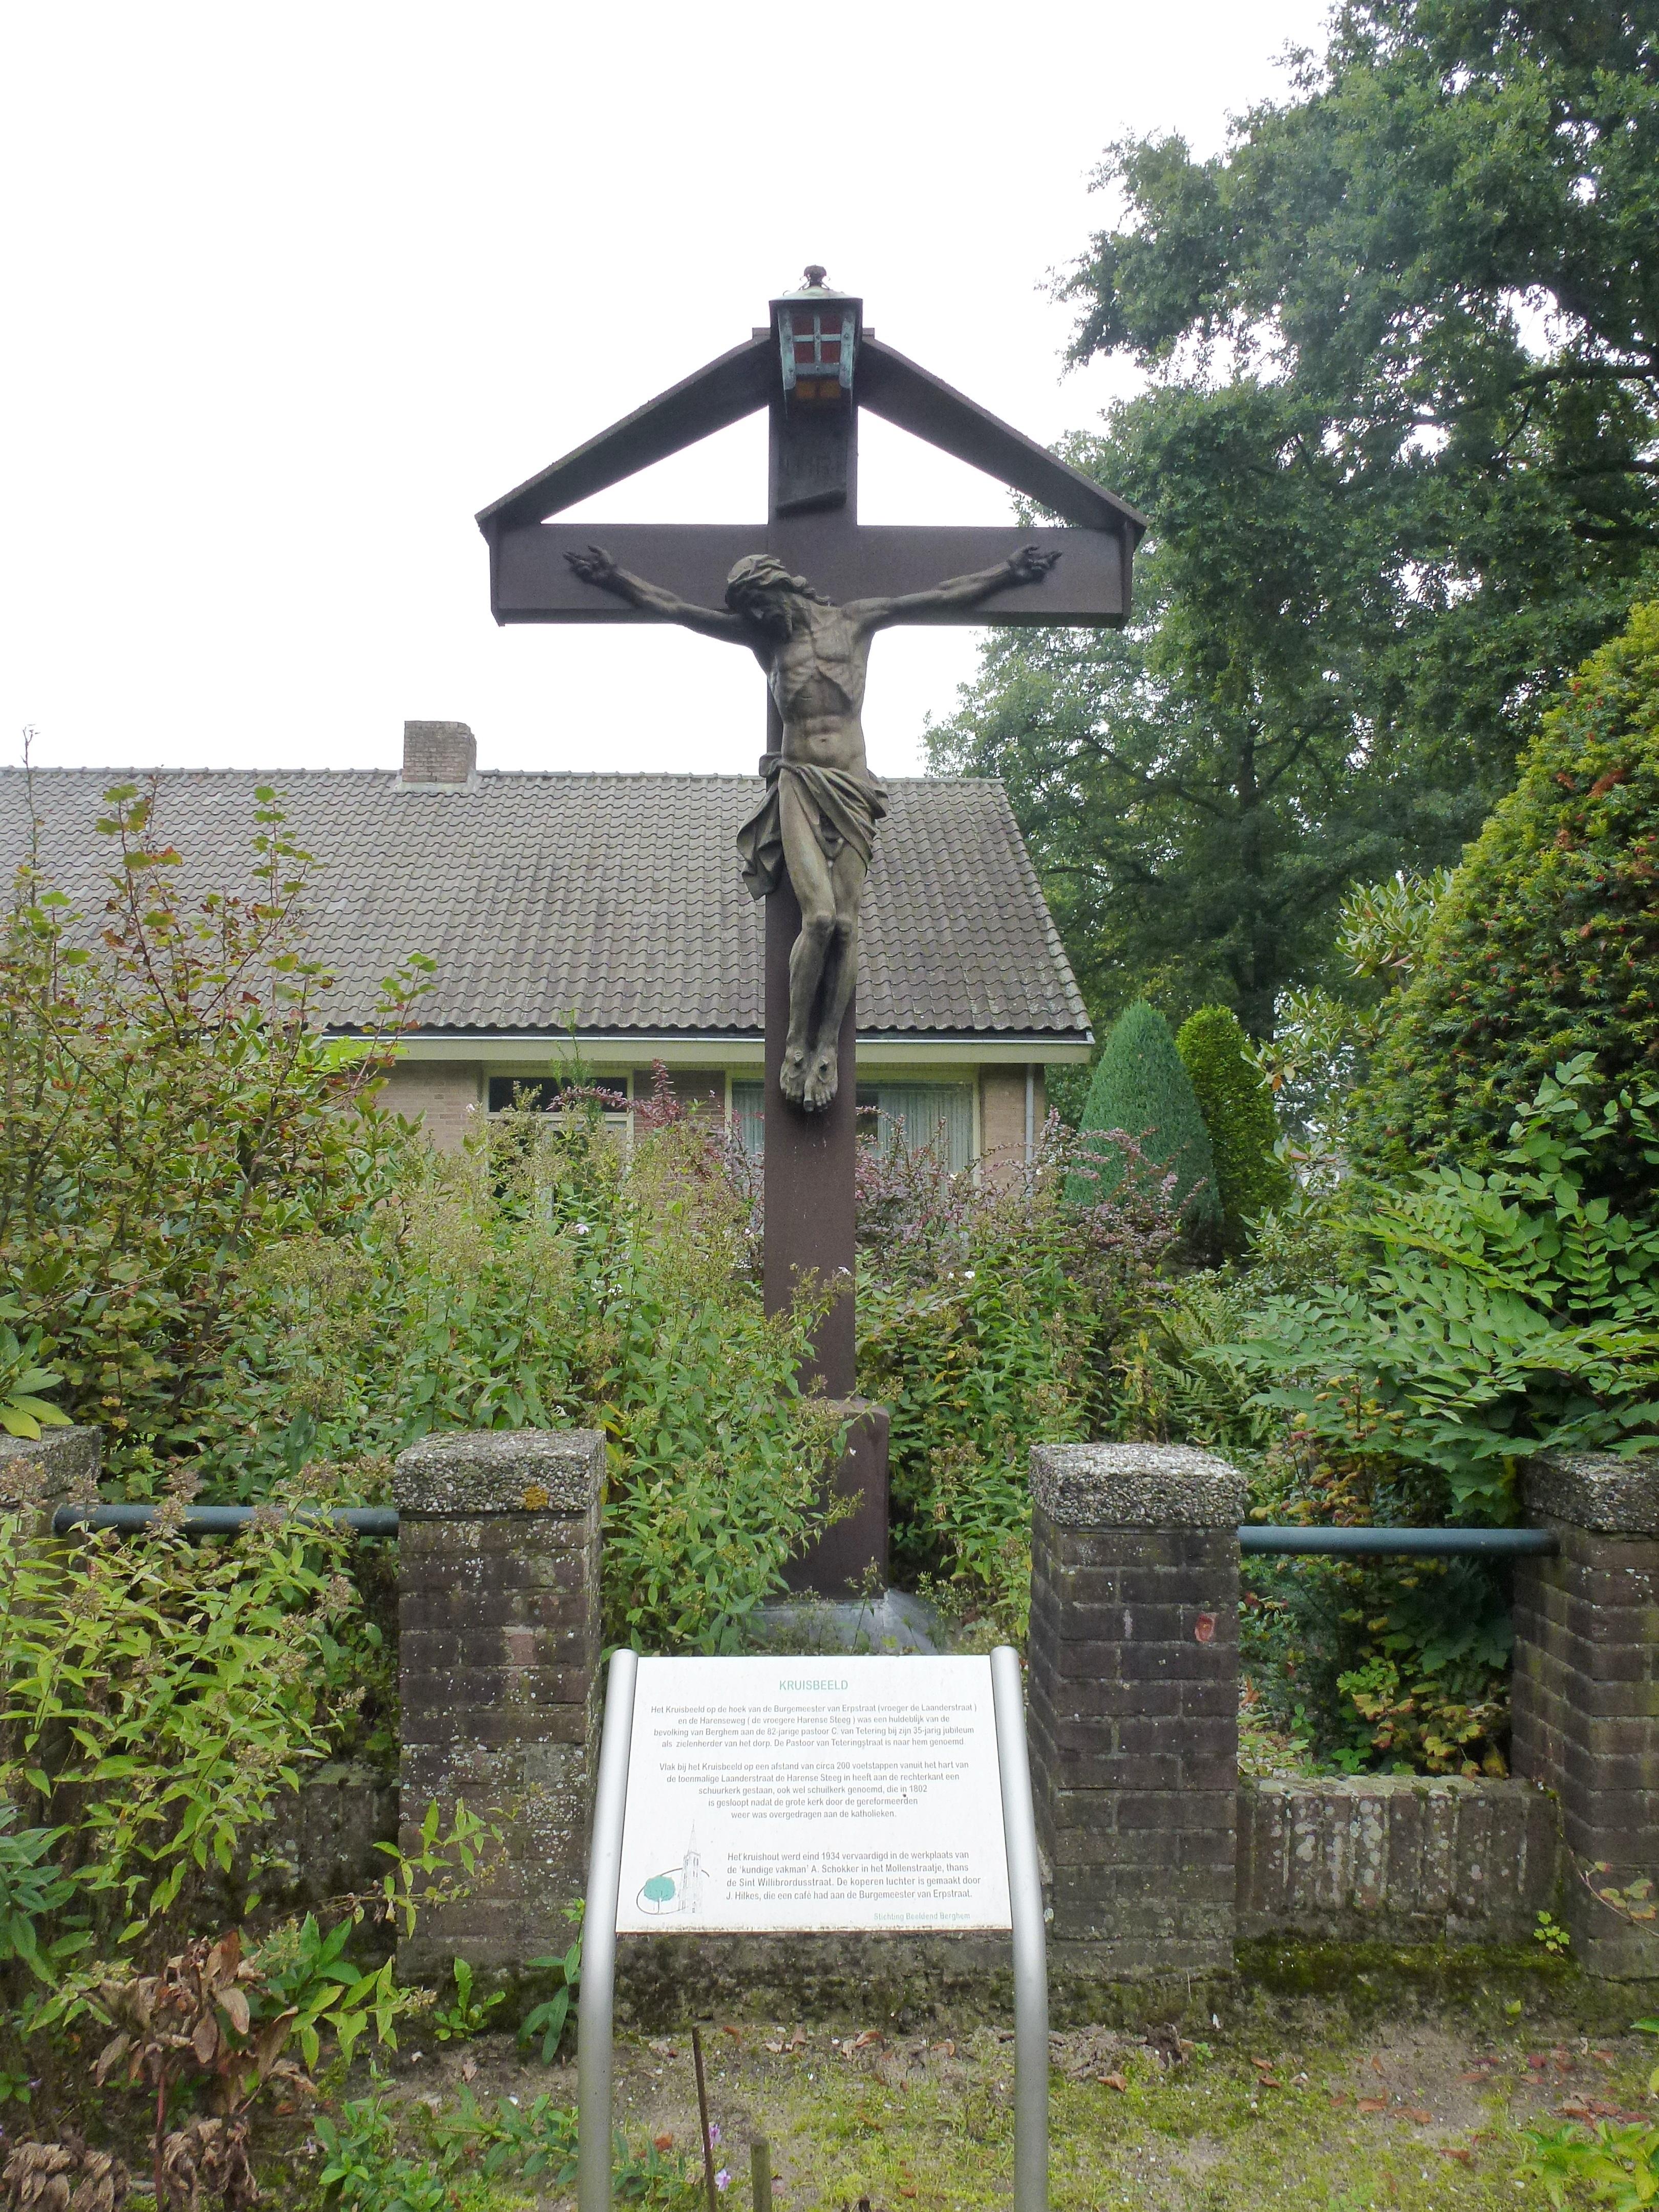 File Berghem Oss Nl Wegkruis Bij Burg V Erpstraat 55 Jpg Wikimedia Commons